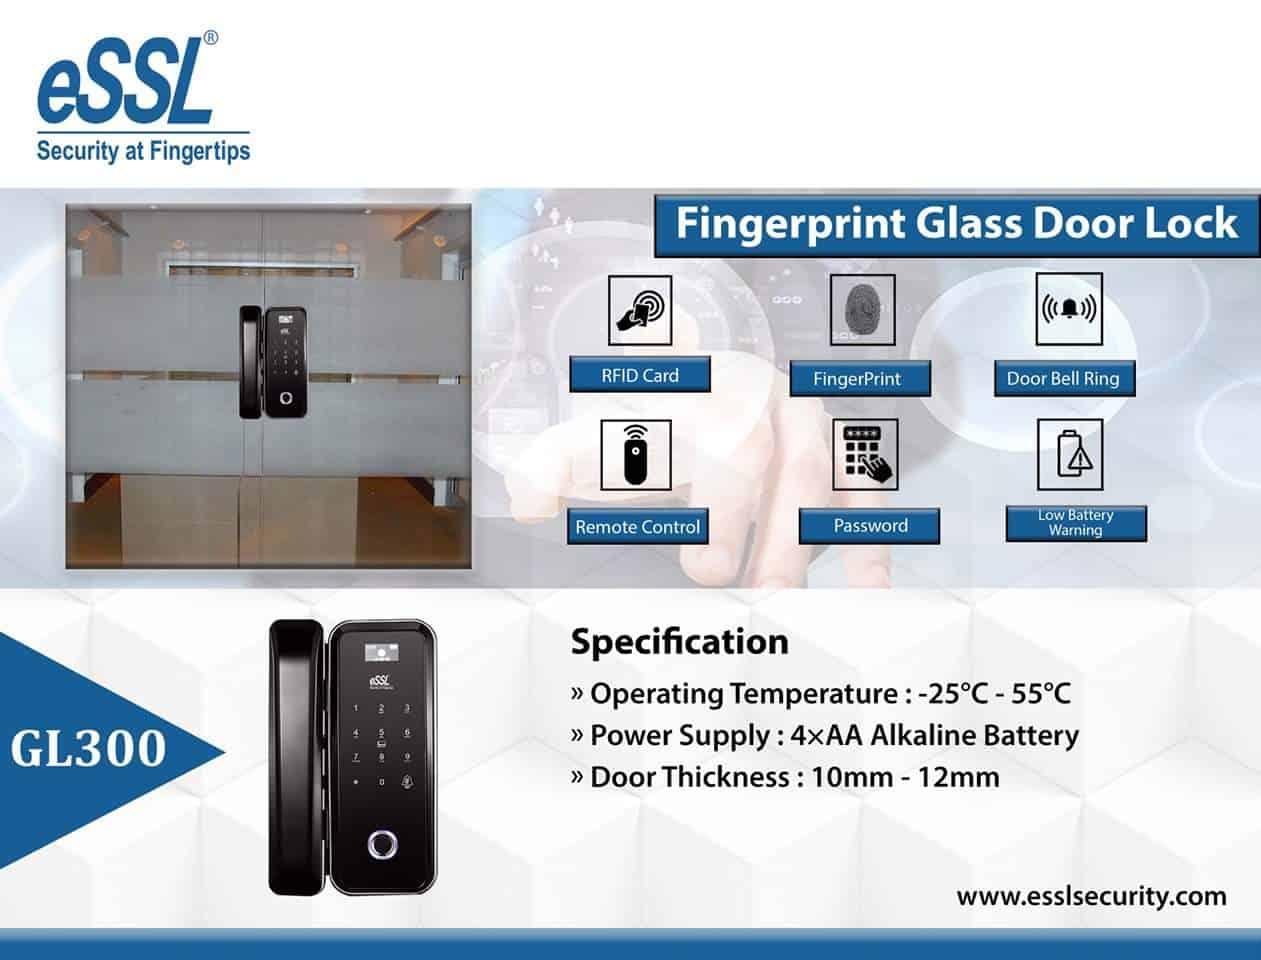 Features eSSL Fingerprint Door Lock System GL300